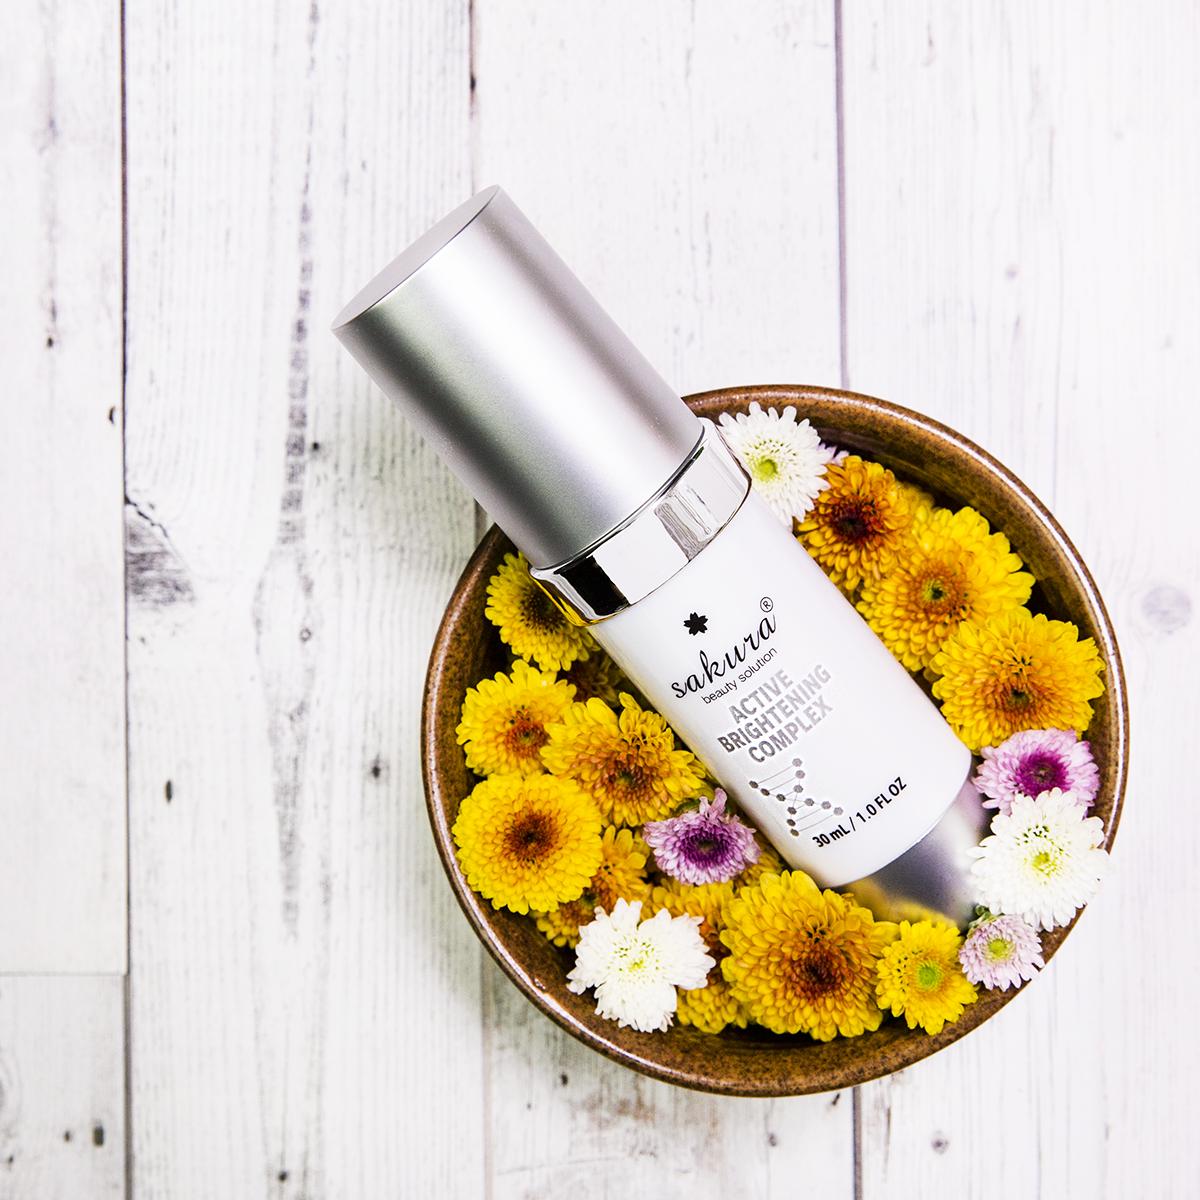 Liệu trình trị nám da mặt hiệu quả từ Enzyme trị nám Sakura